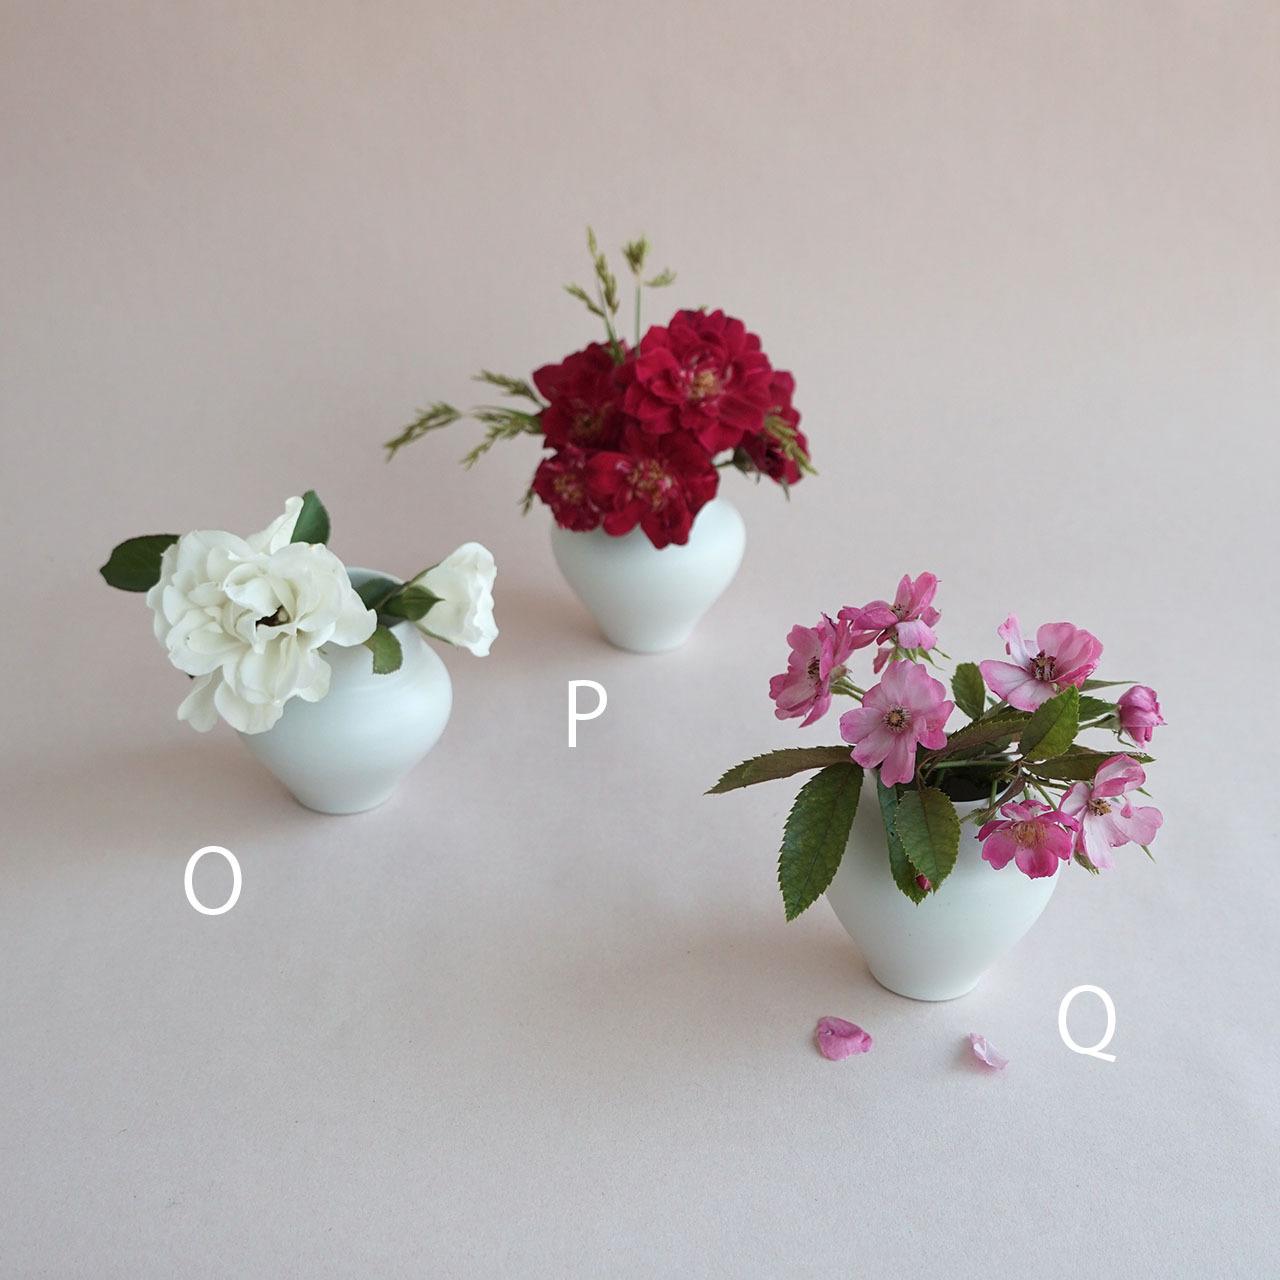 ミニ花瓶 O P Q 【studio wani】